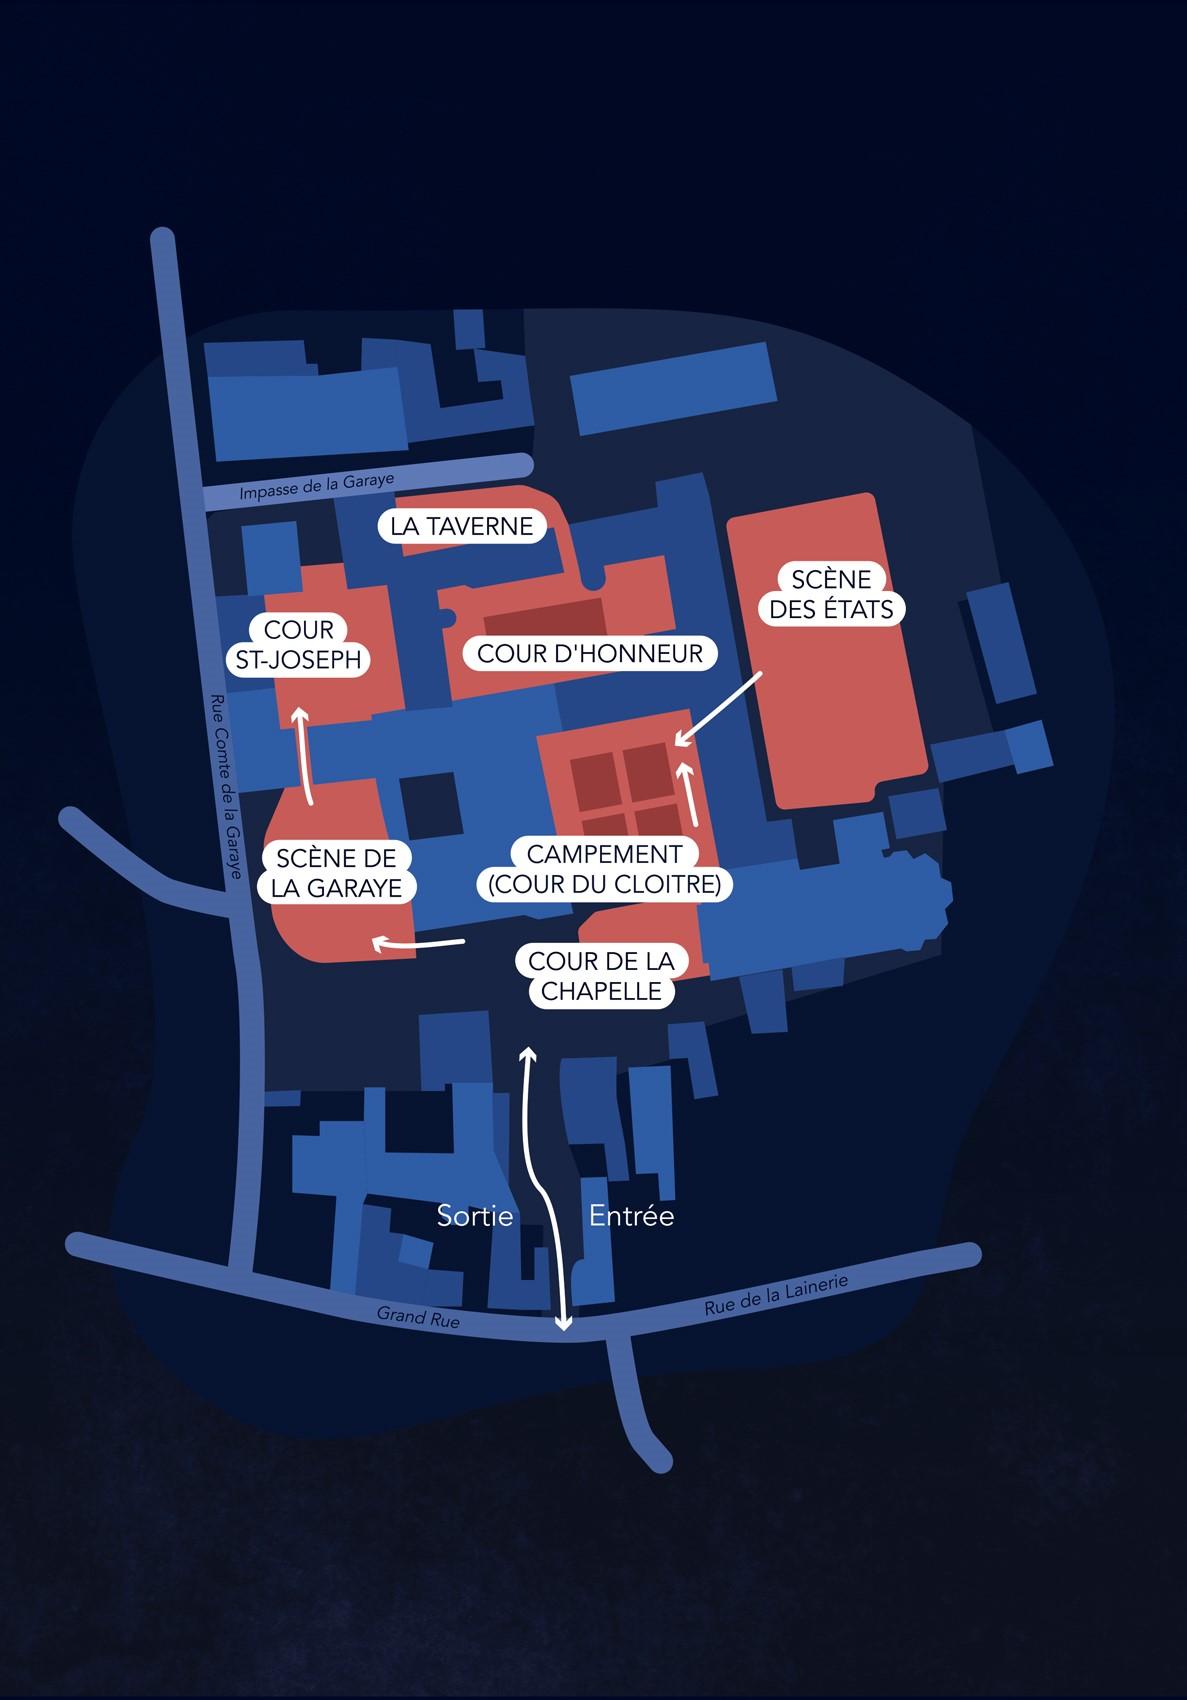 Les Remparts de l'histoire Dinan Côtes d'Armor - Le plan géographique des évènements